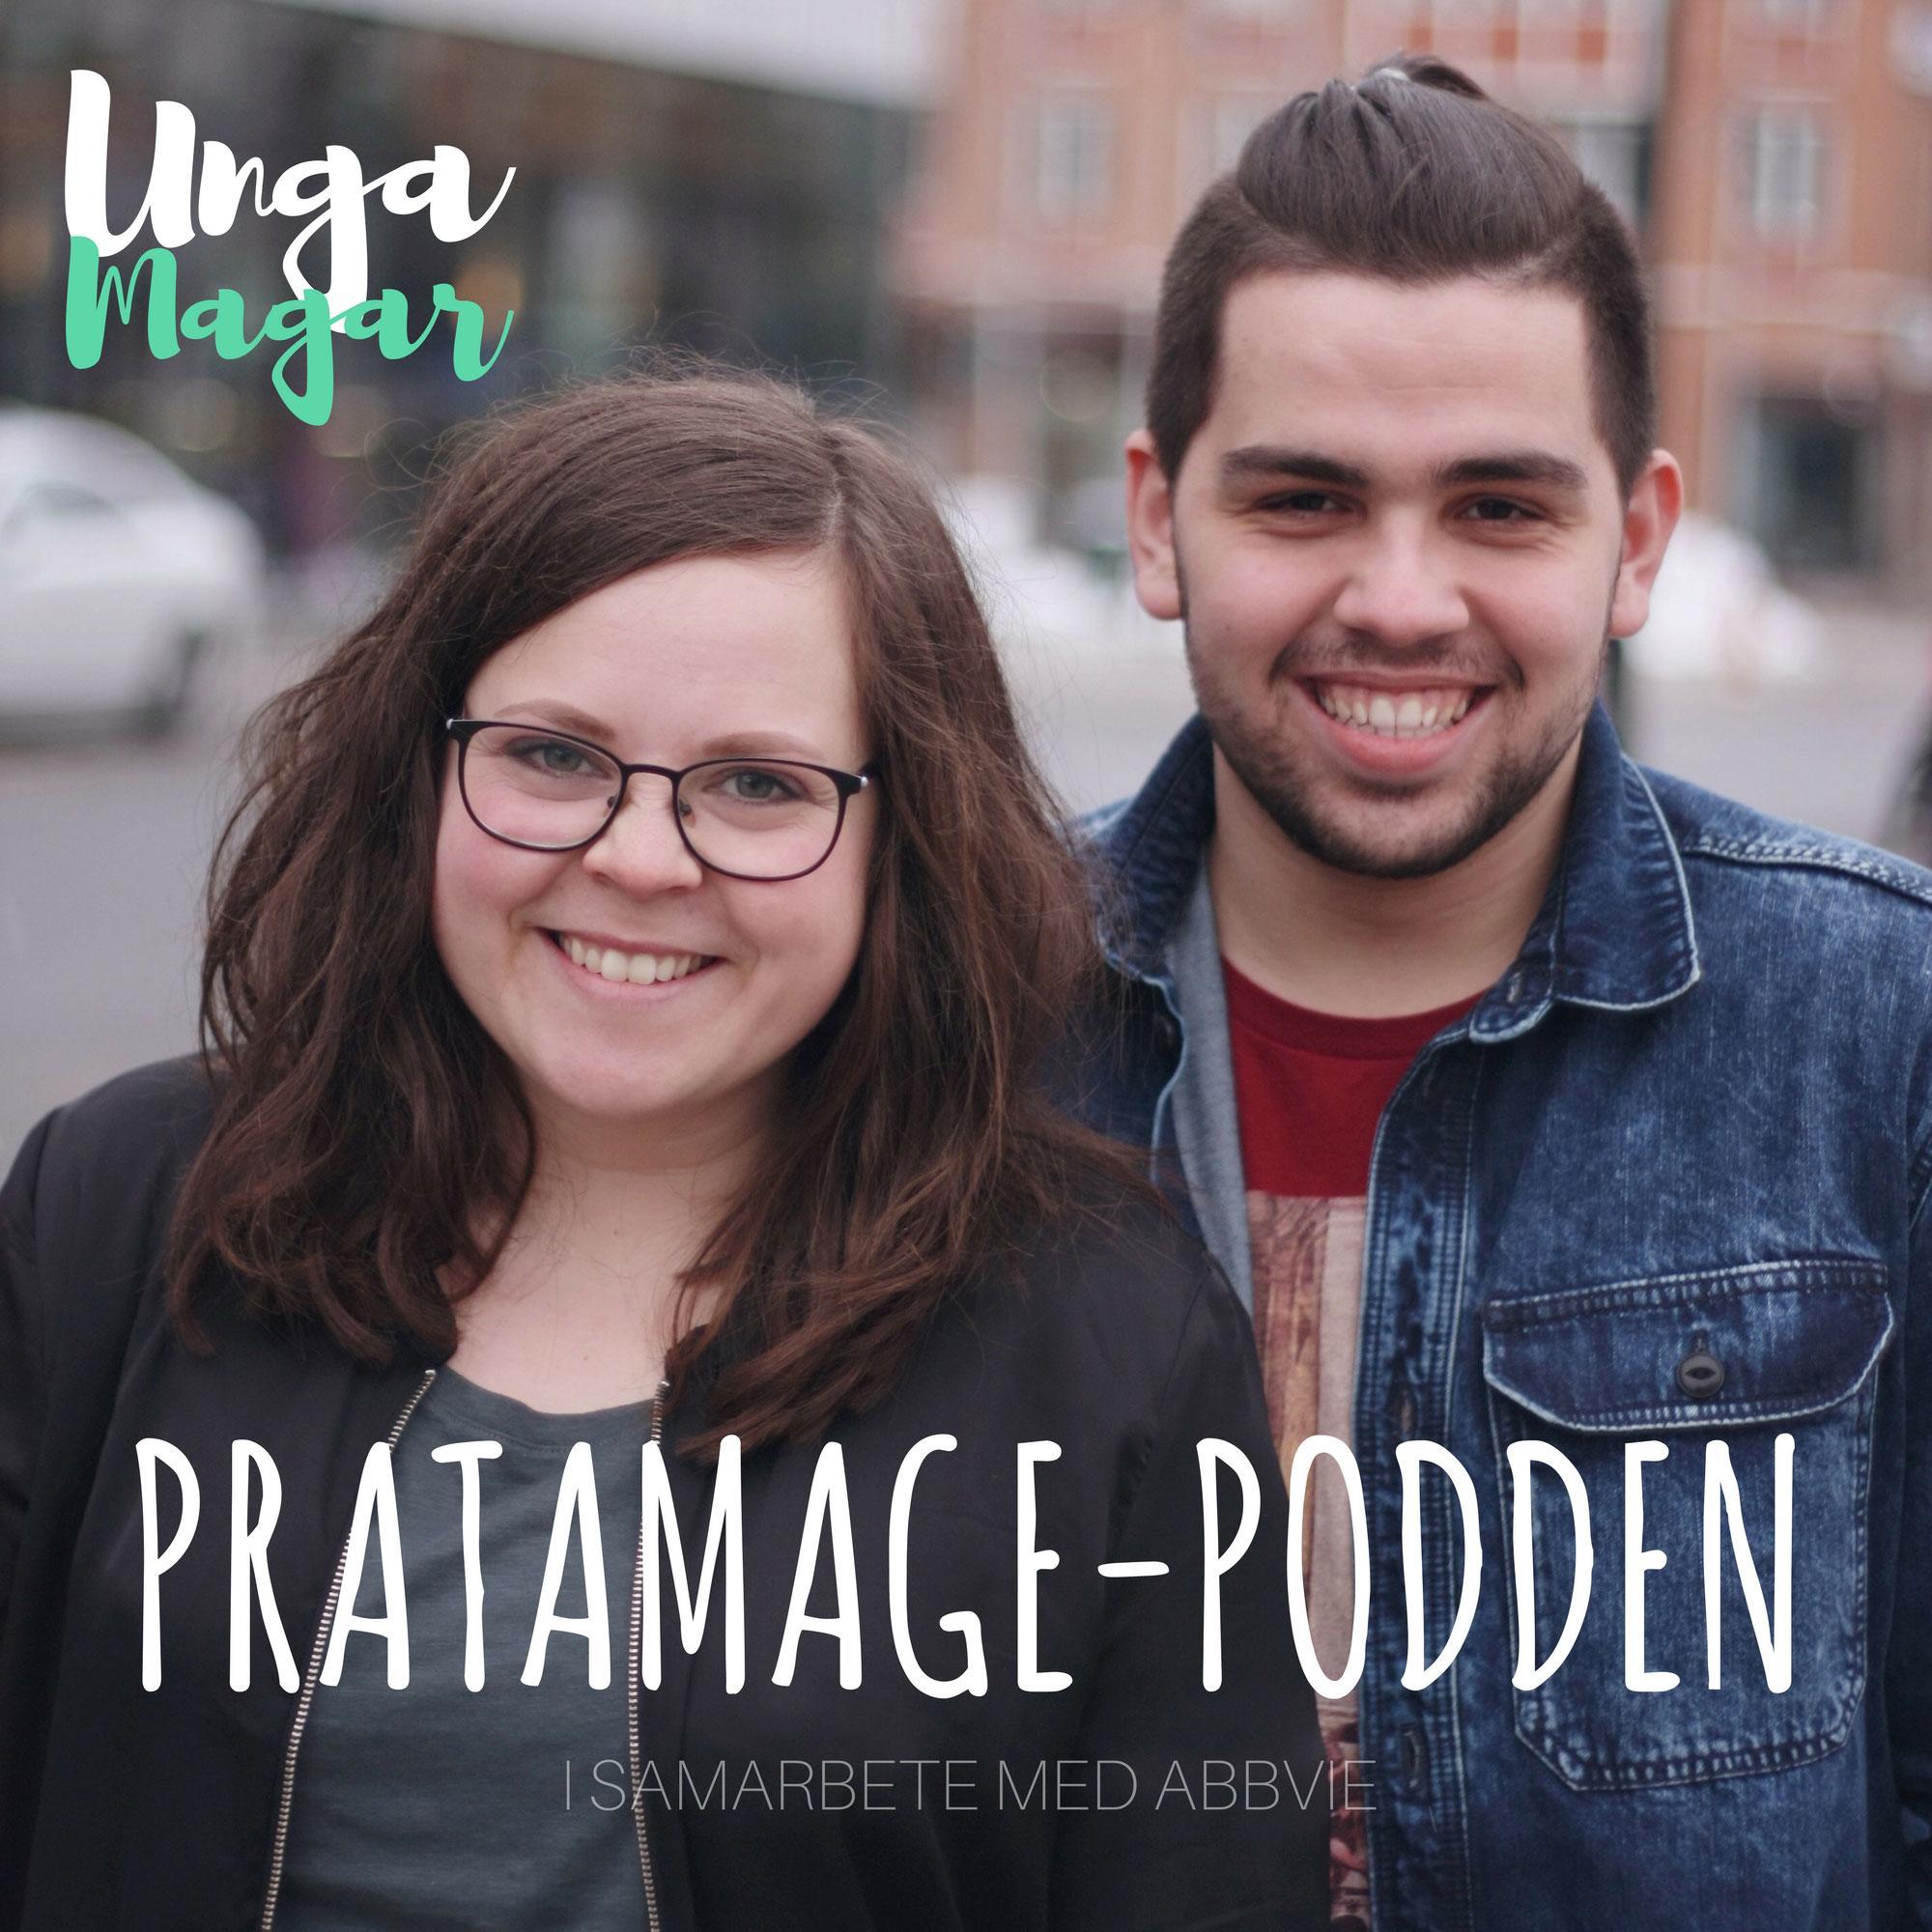 Agnes Lindskov - Studier - Prata Mage-podden #7